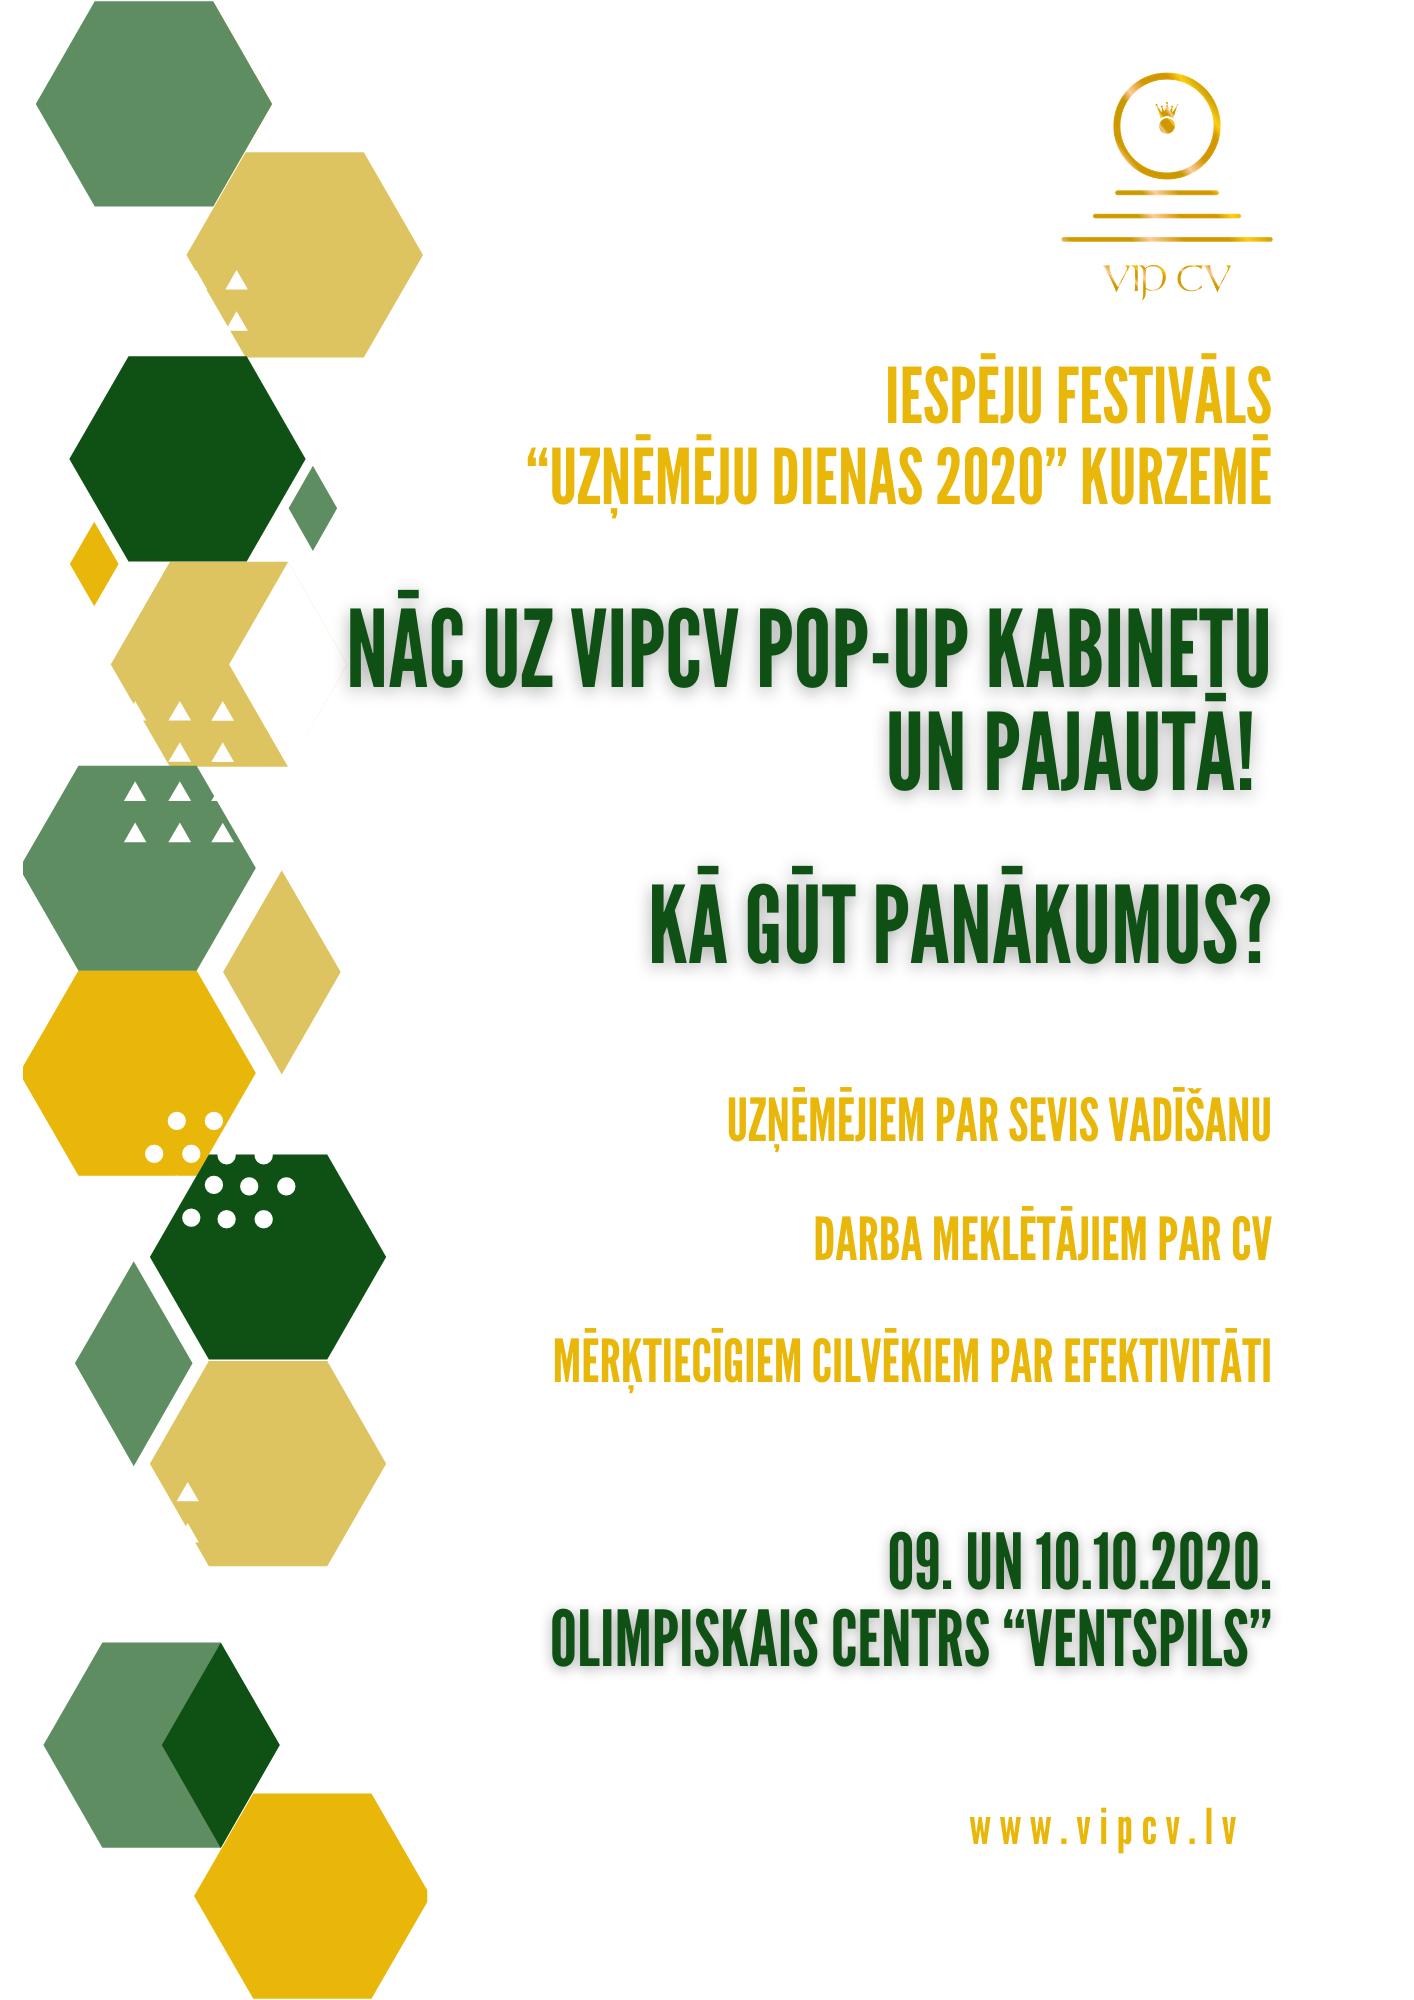 VIP CV ciemosies ar POP-UP kabinetu Ventspils Uzņēmēju dienās 2020